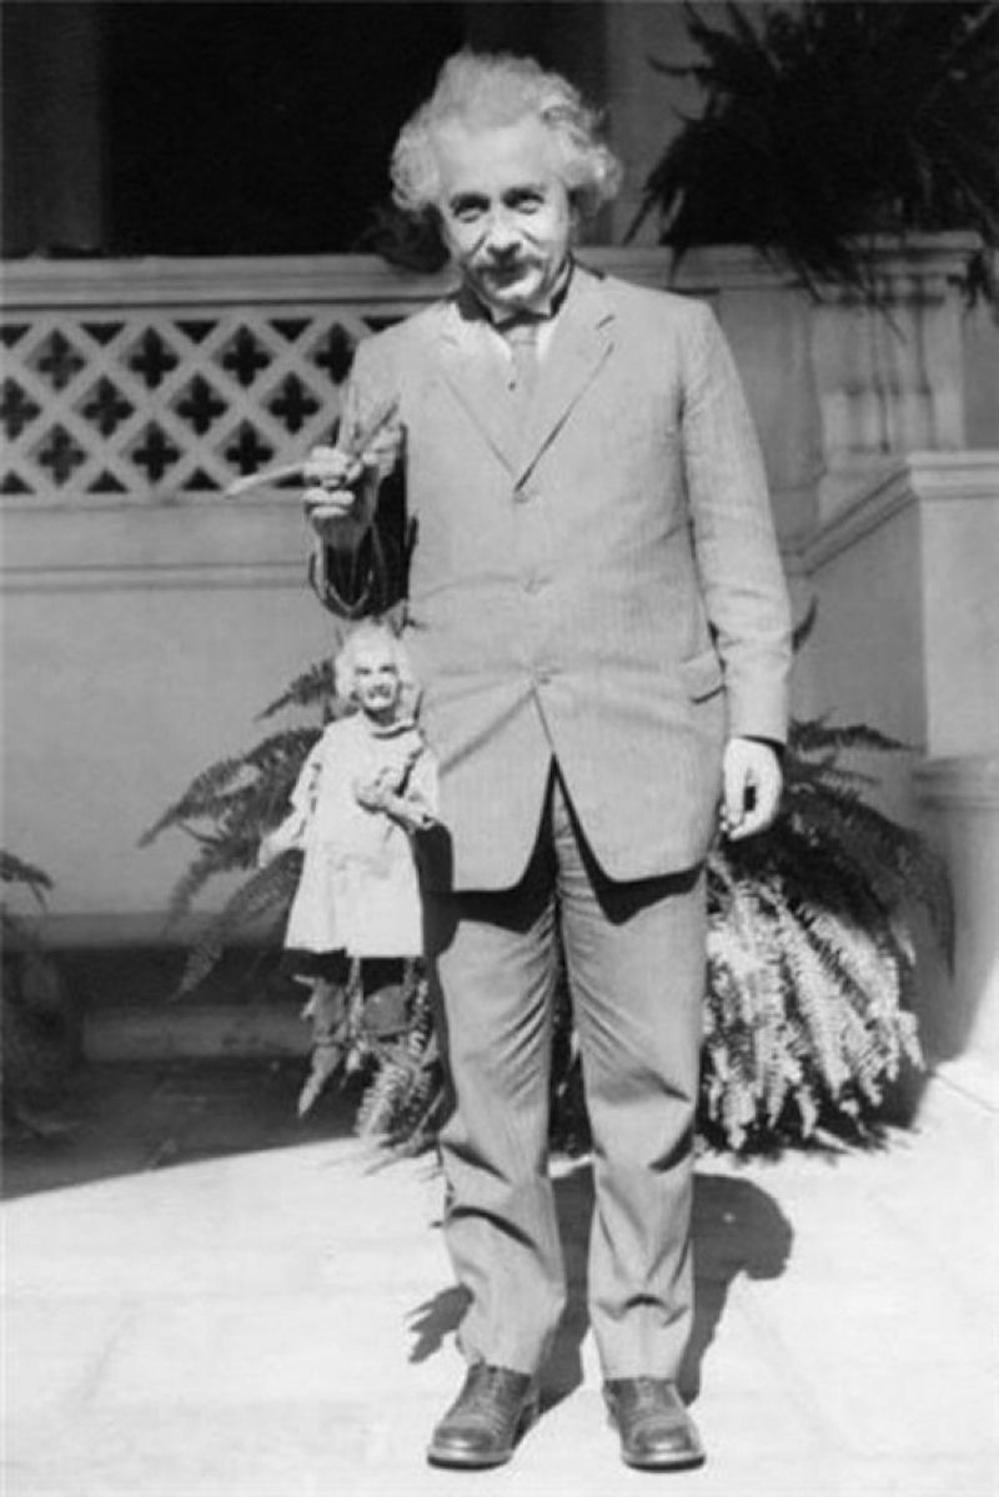 Albert Einstein Holding an Albert Einstein Puppet (Circa 1931